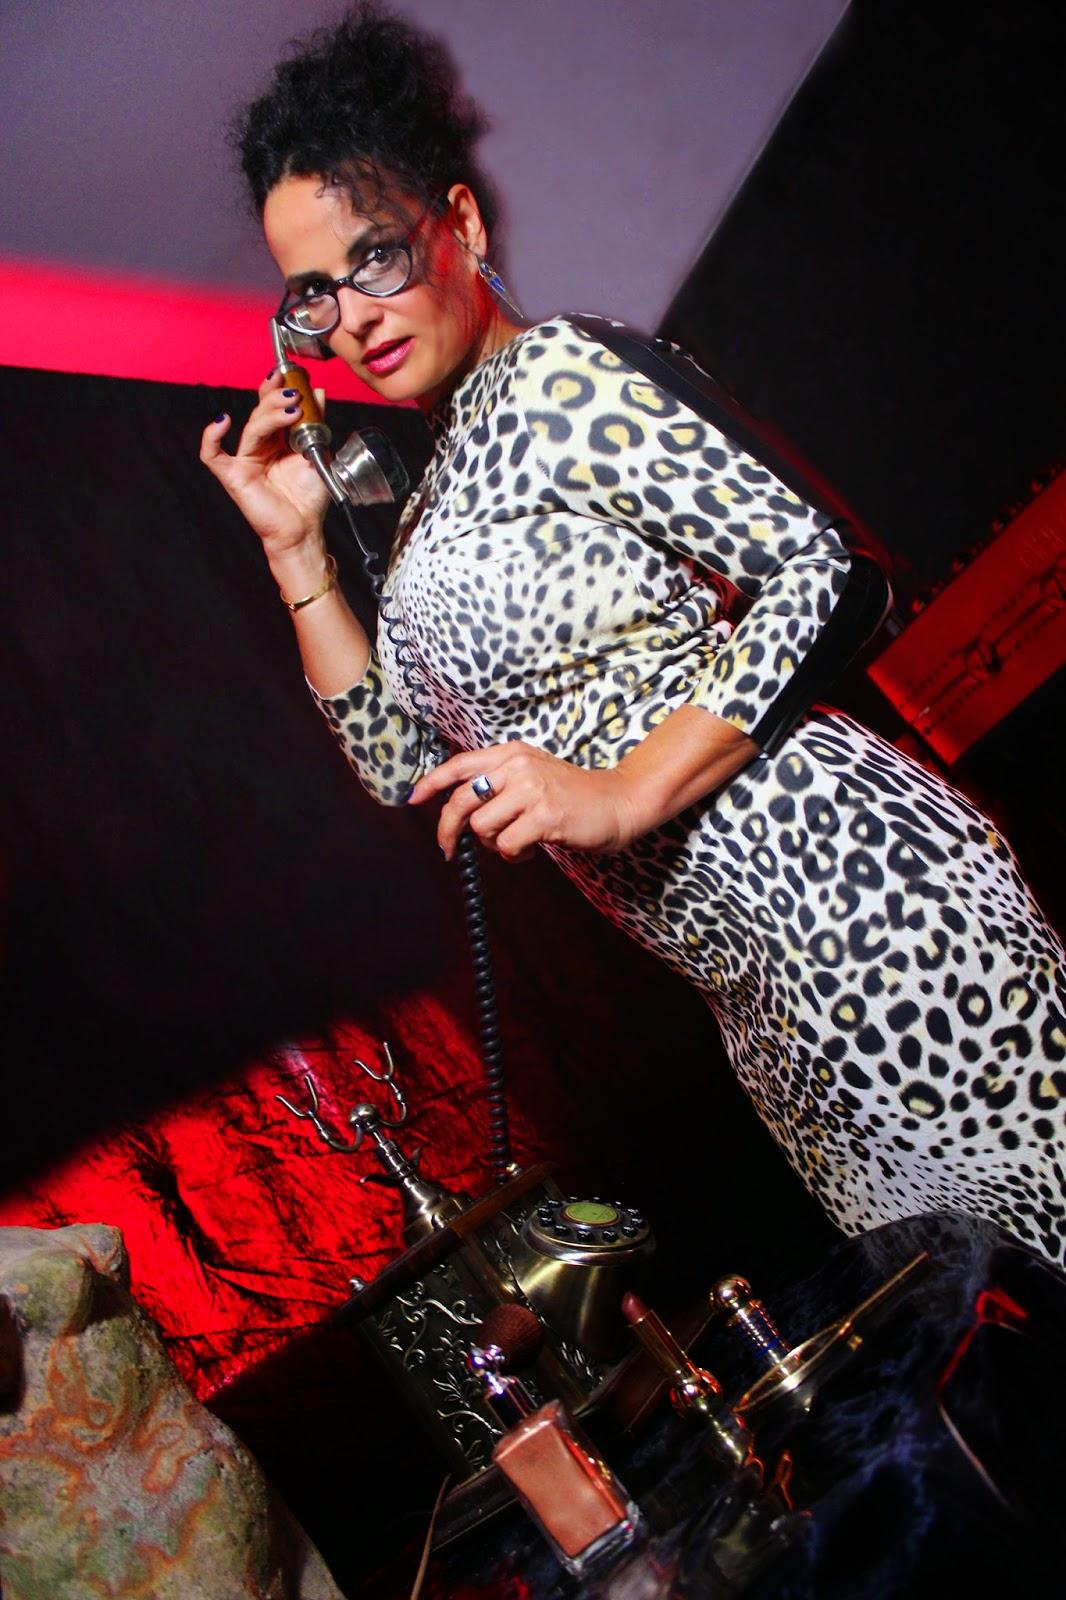 Rollenspiele: Telefonerziehung